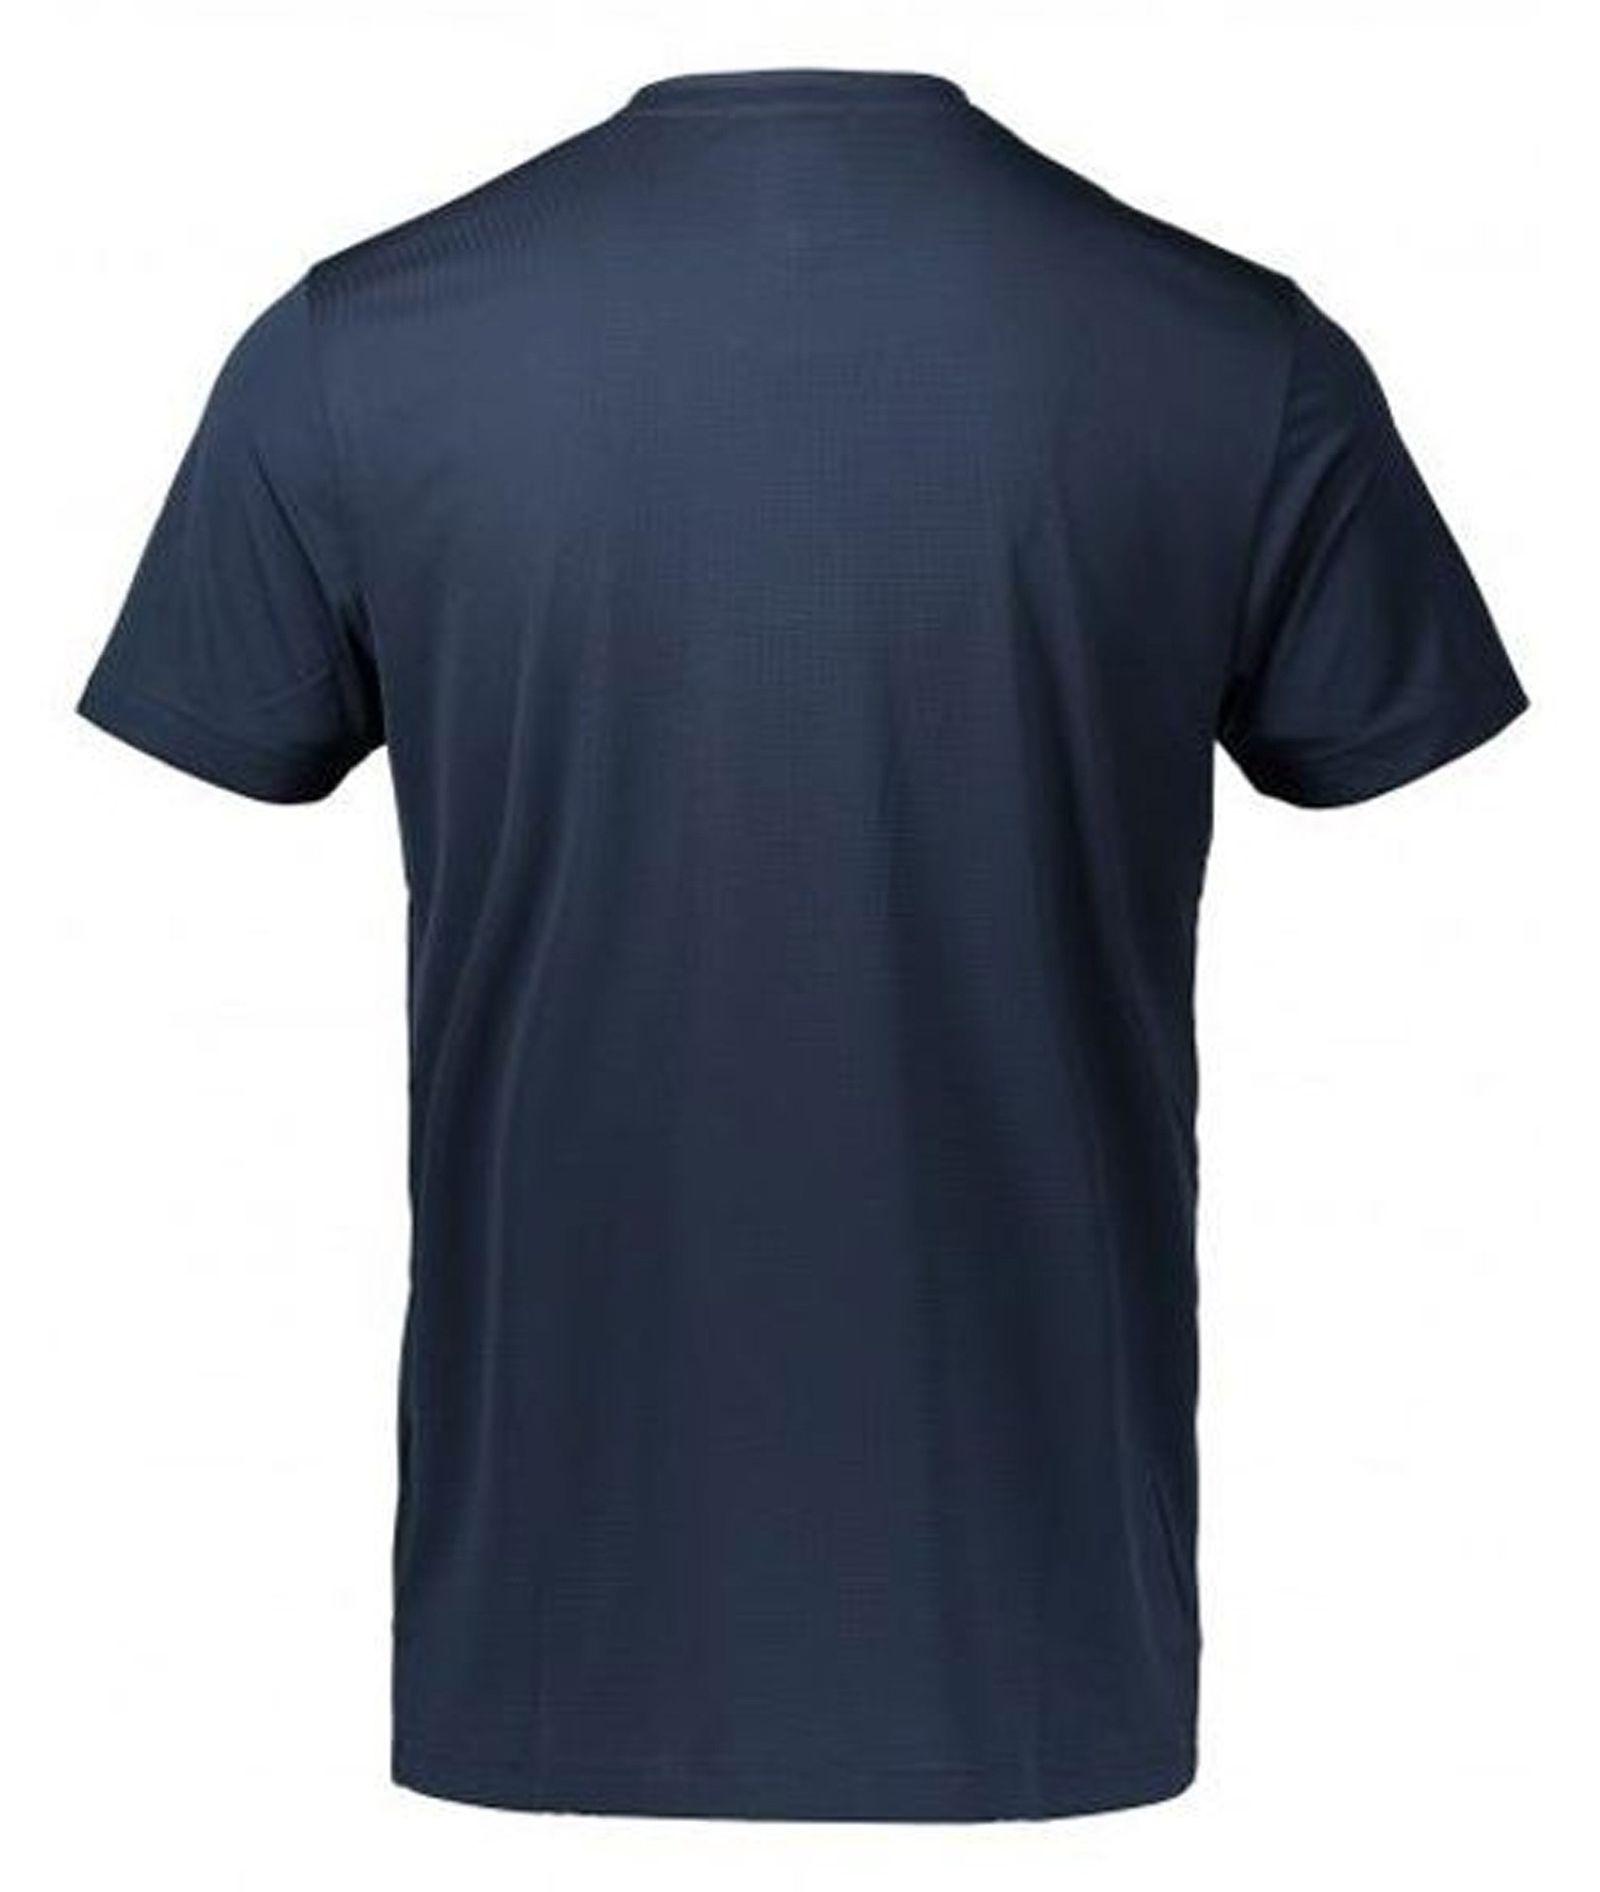 تی شرت یقه گرد مردانه Tearotech - باس - سرمه اي - 3